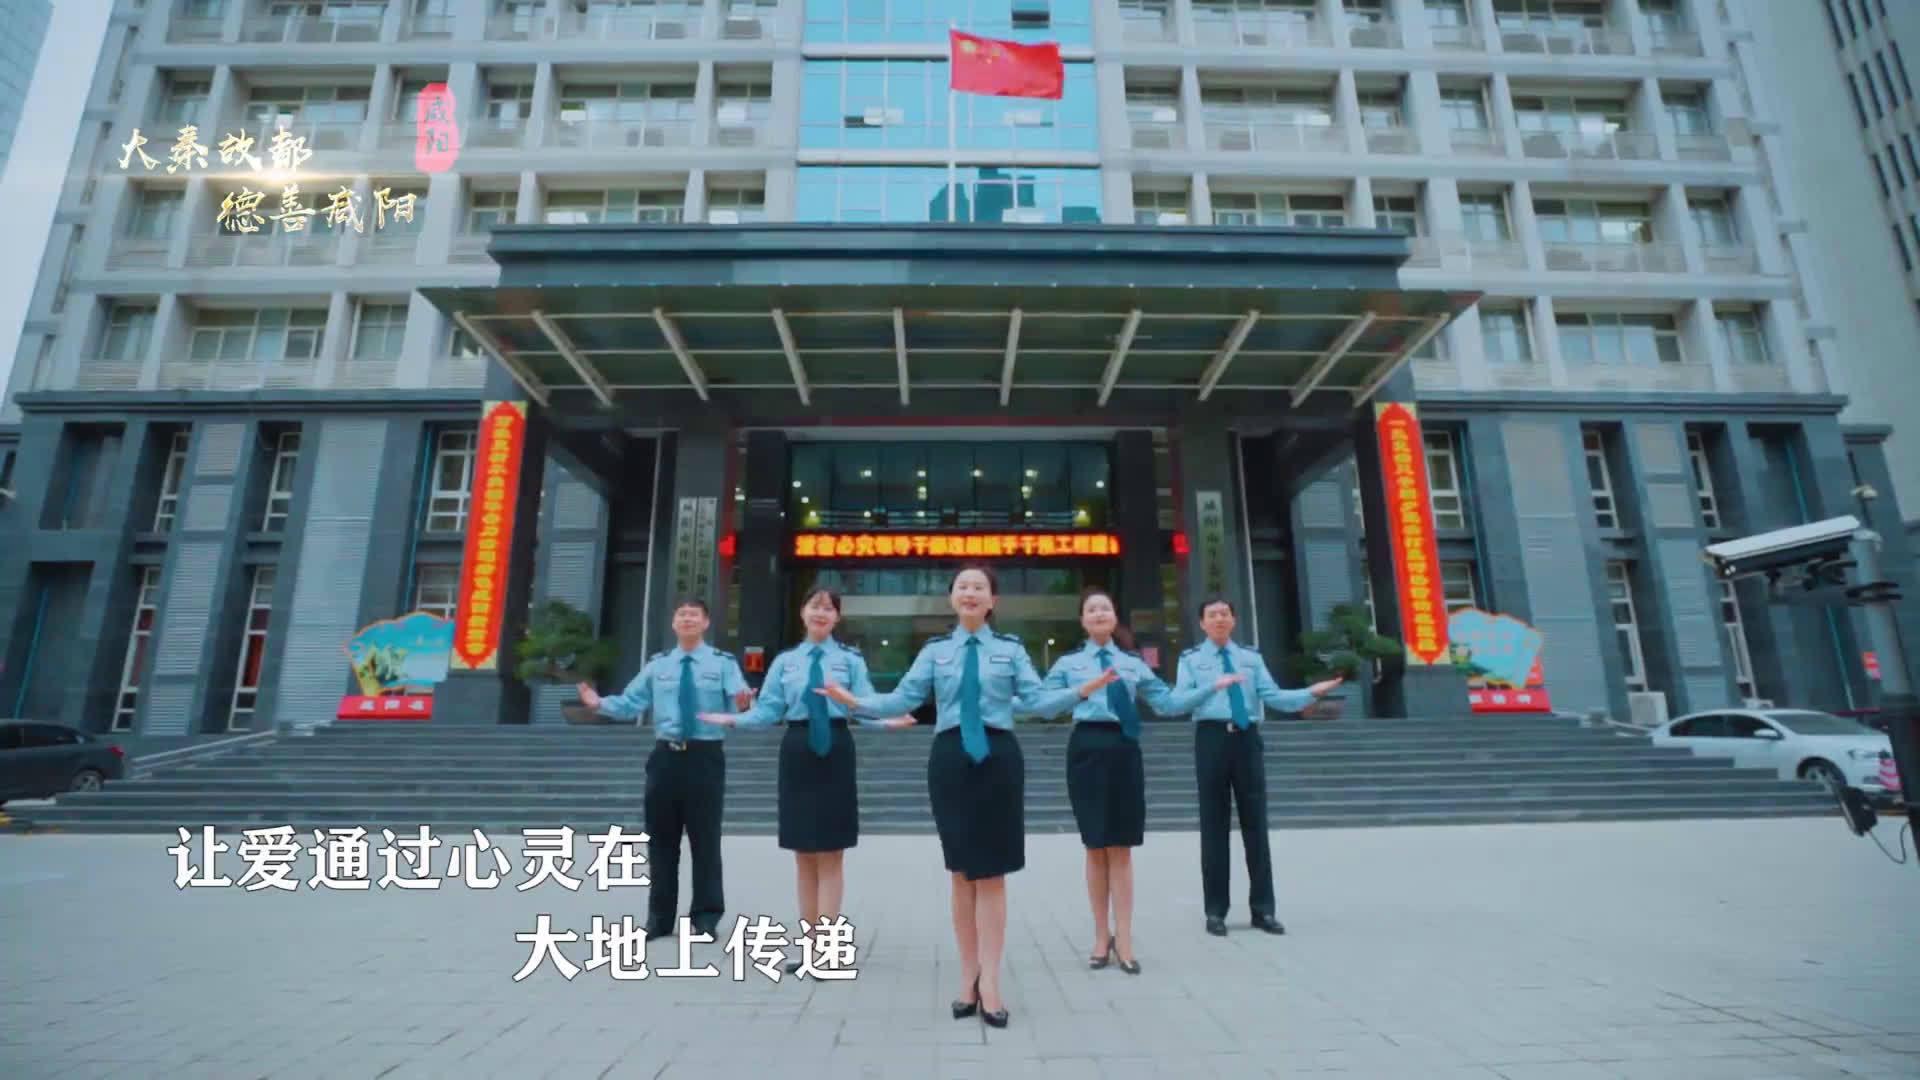 唱响美丽中国(71)丨陕西咸阳版《让中国更美丽》来了